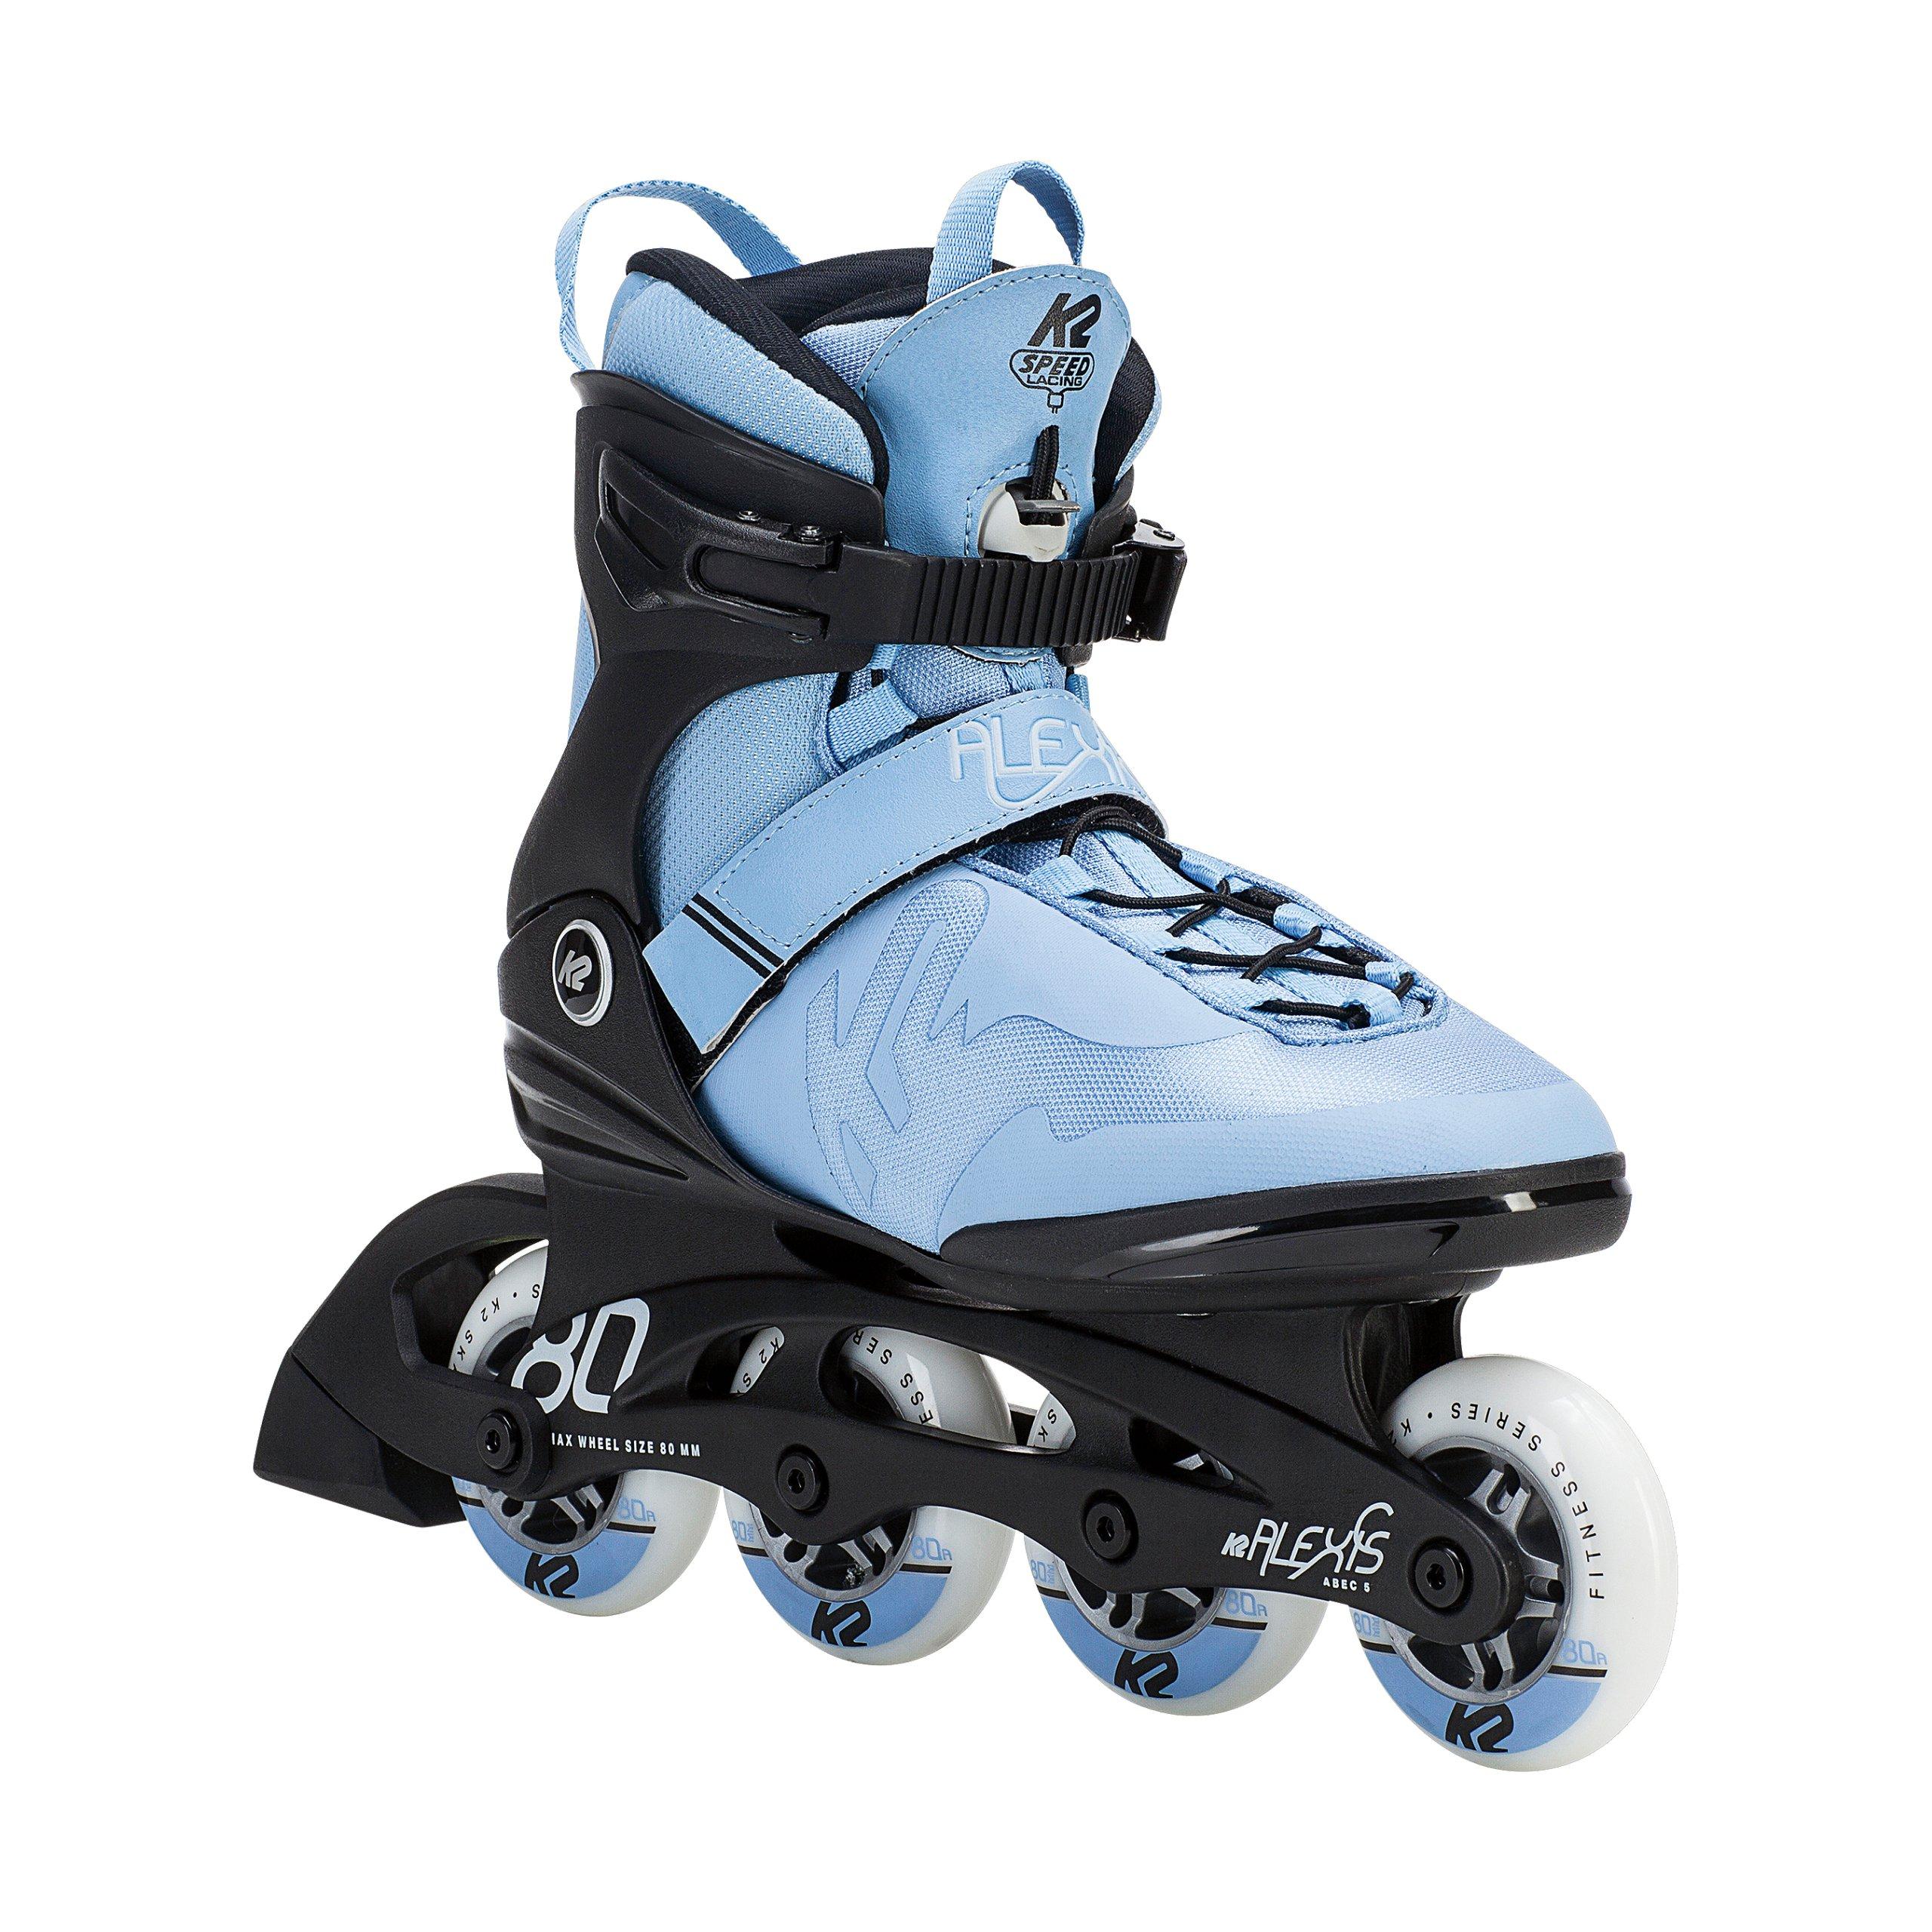 403d54381 rolki fitness damskie slalom blackwheels w Oficjalnym Archiwum Allegro -  Strona 6 - archiwum ofert